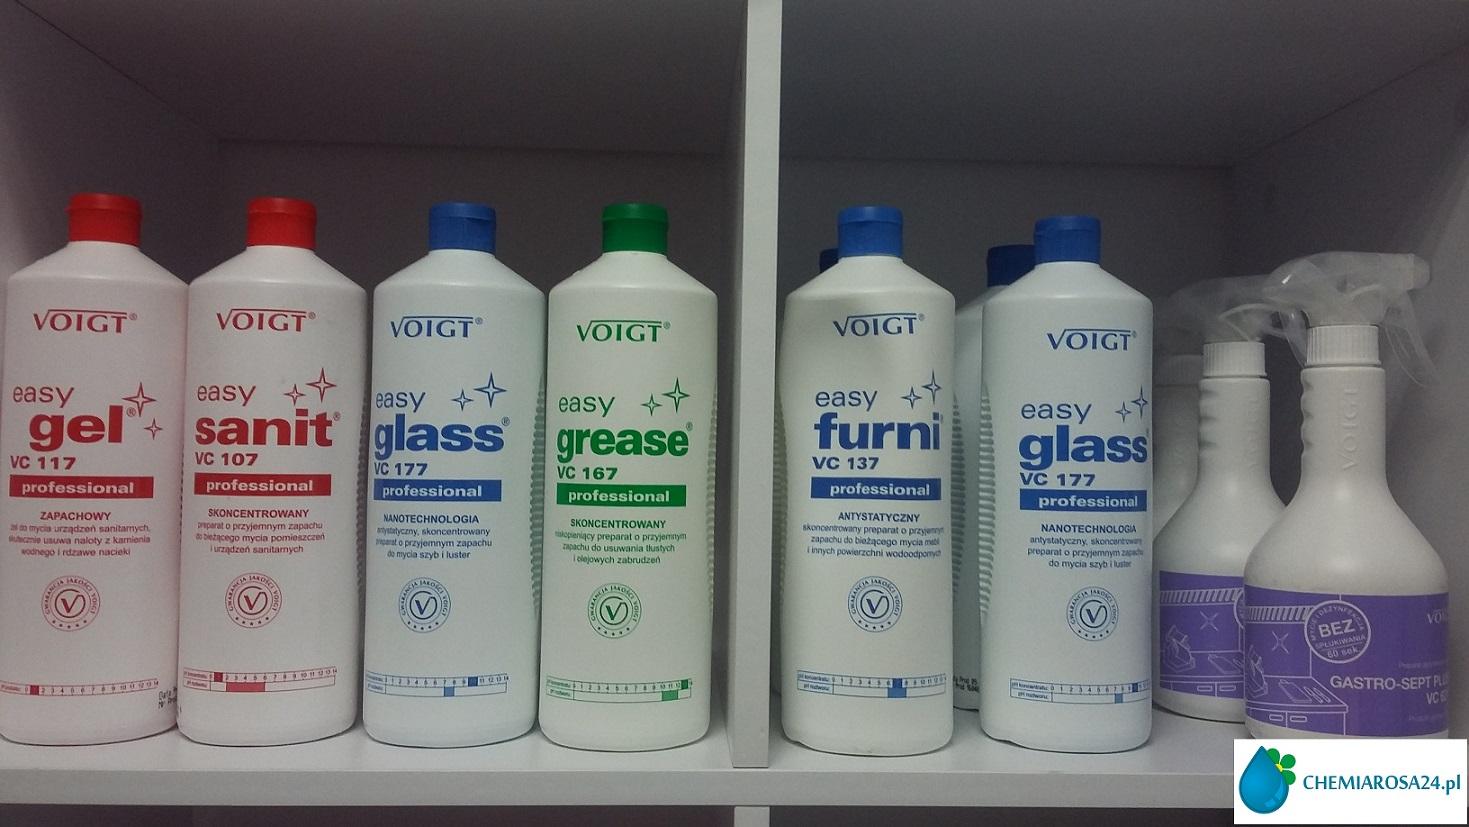 Profesjonalne środki czystości Voigt chemiarosa24.pl